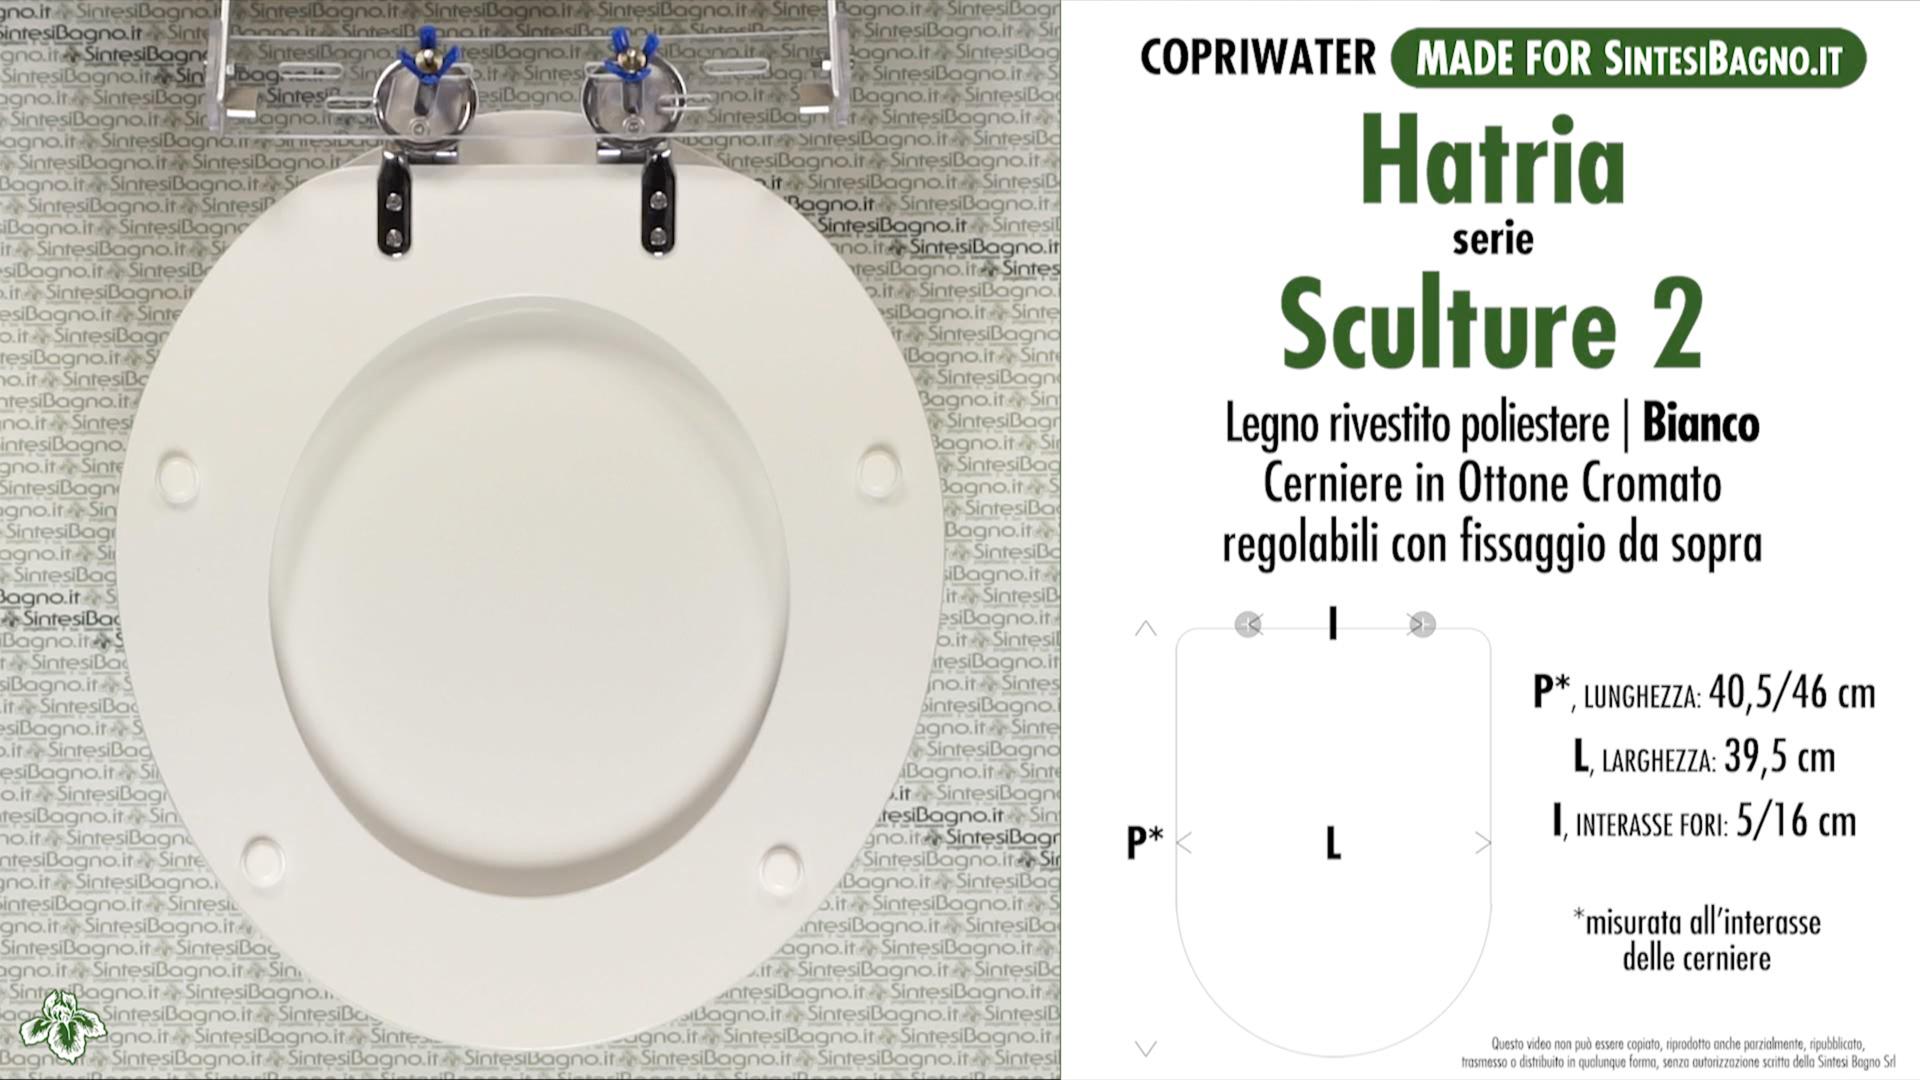 SCHEDA TECNICA MISURE copriwater HATRIA SCULTURE 2